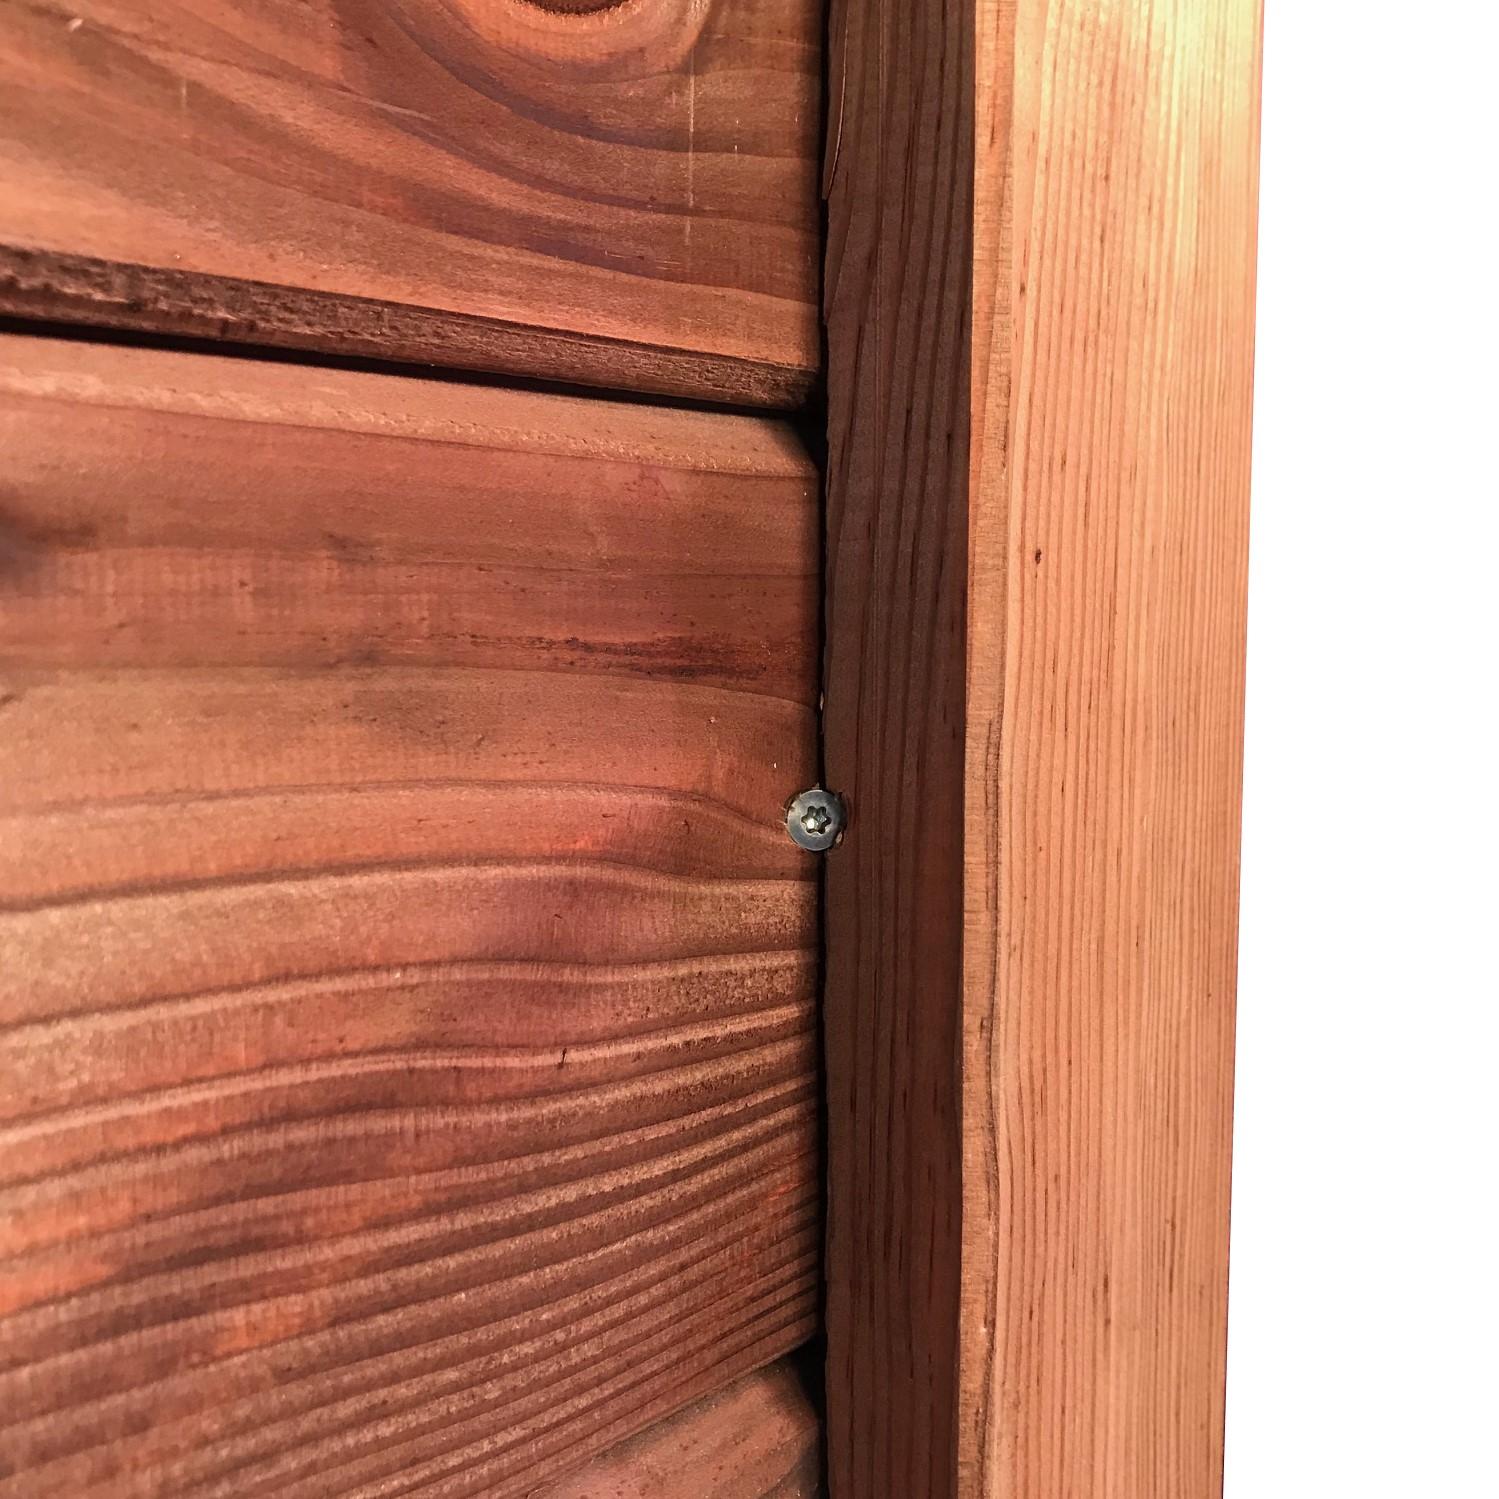 lames de clture emboiter coloris brun palissade bois teint. Black Bedroom Furniture Sets. Home Design Ideas